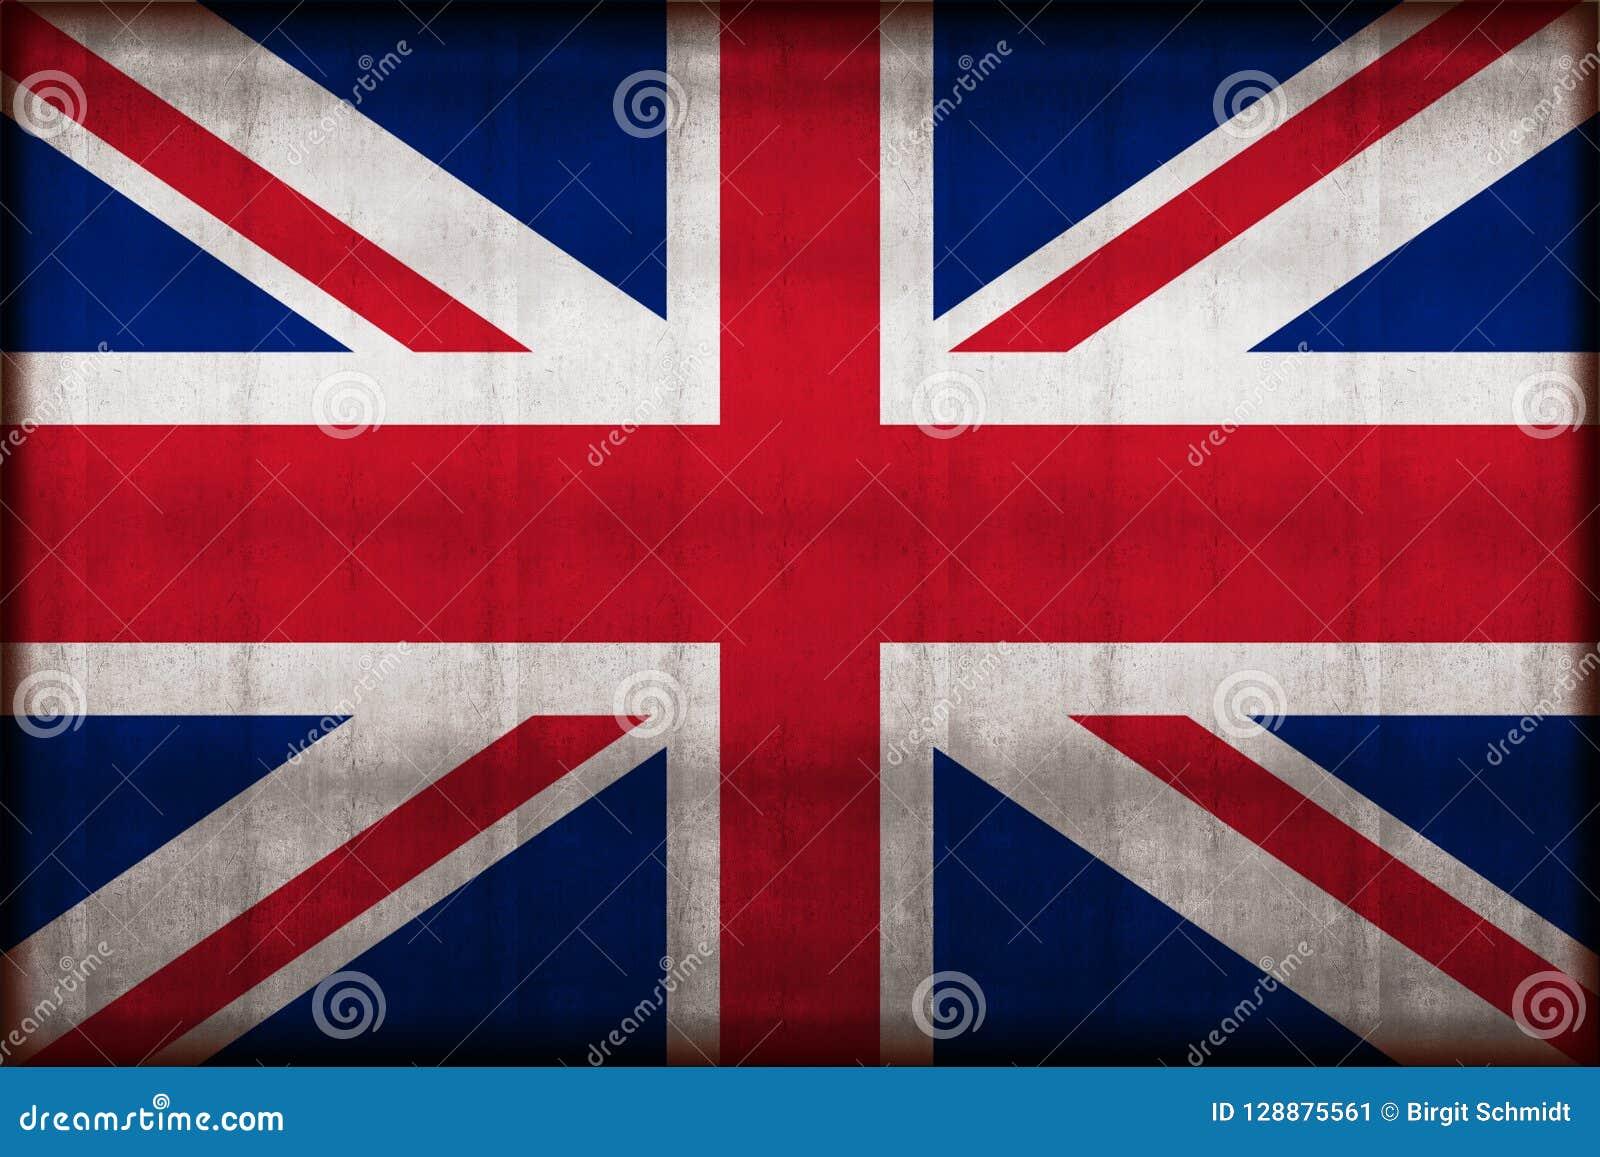 United kingdom rusty flag illustration